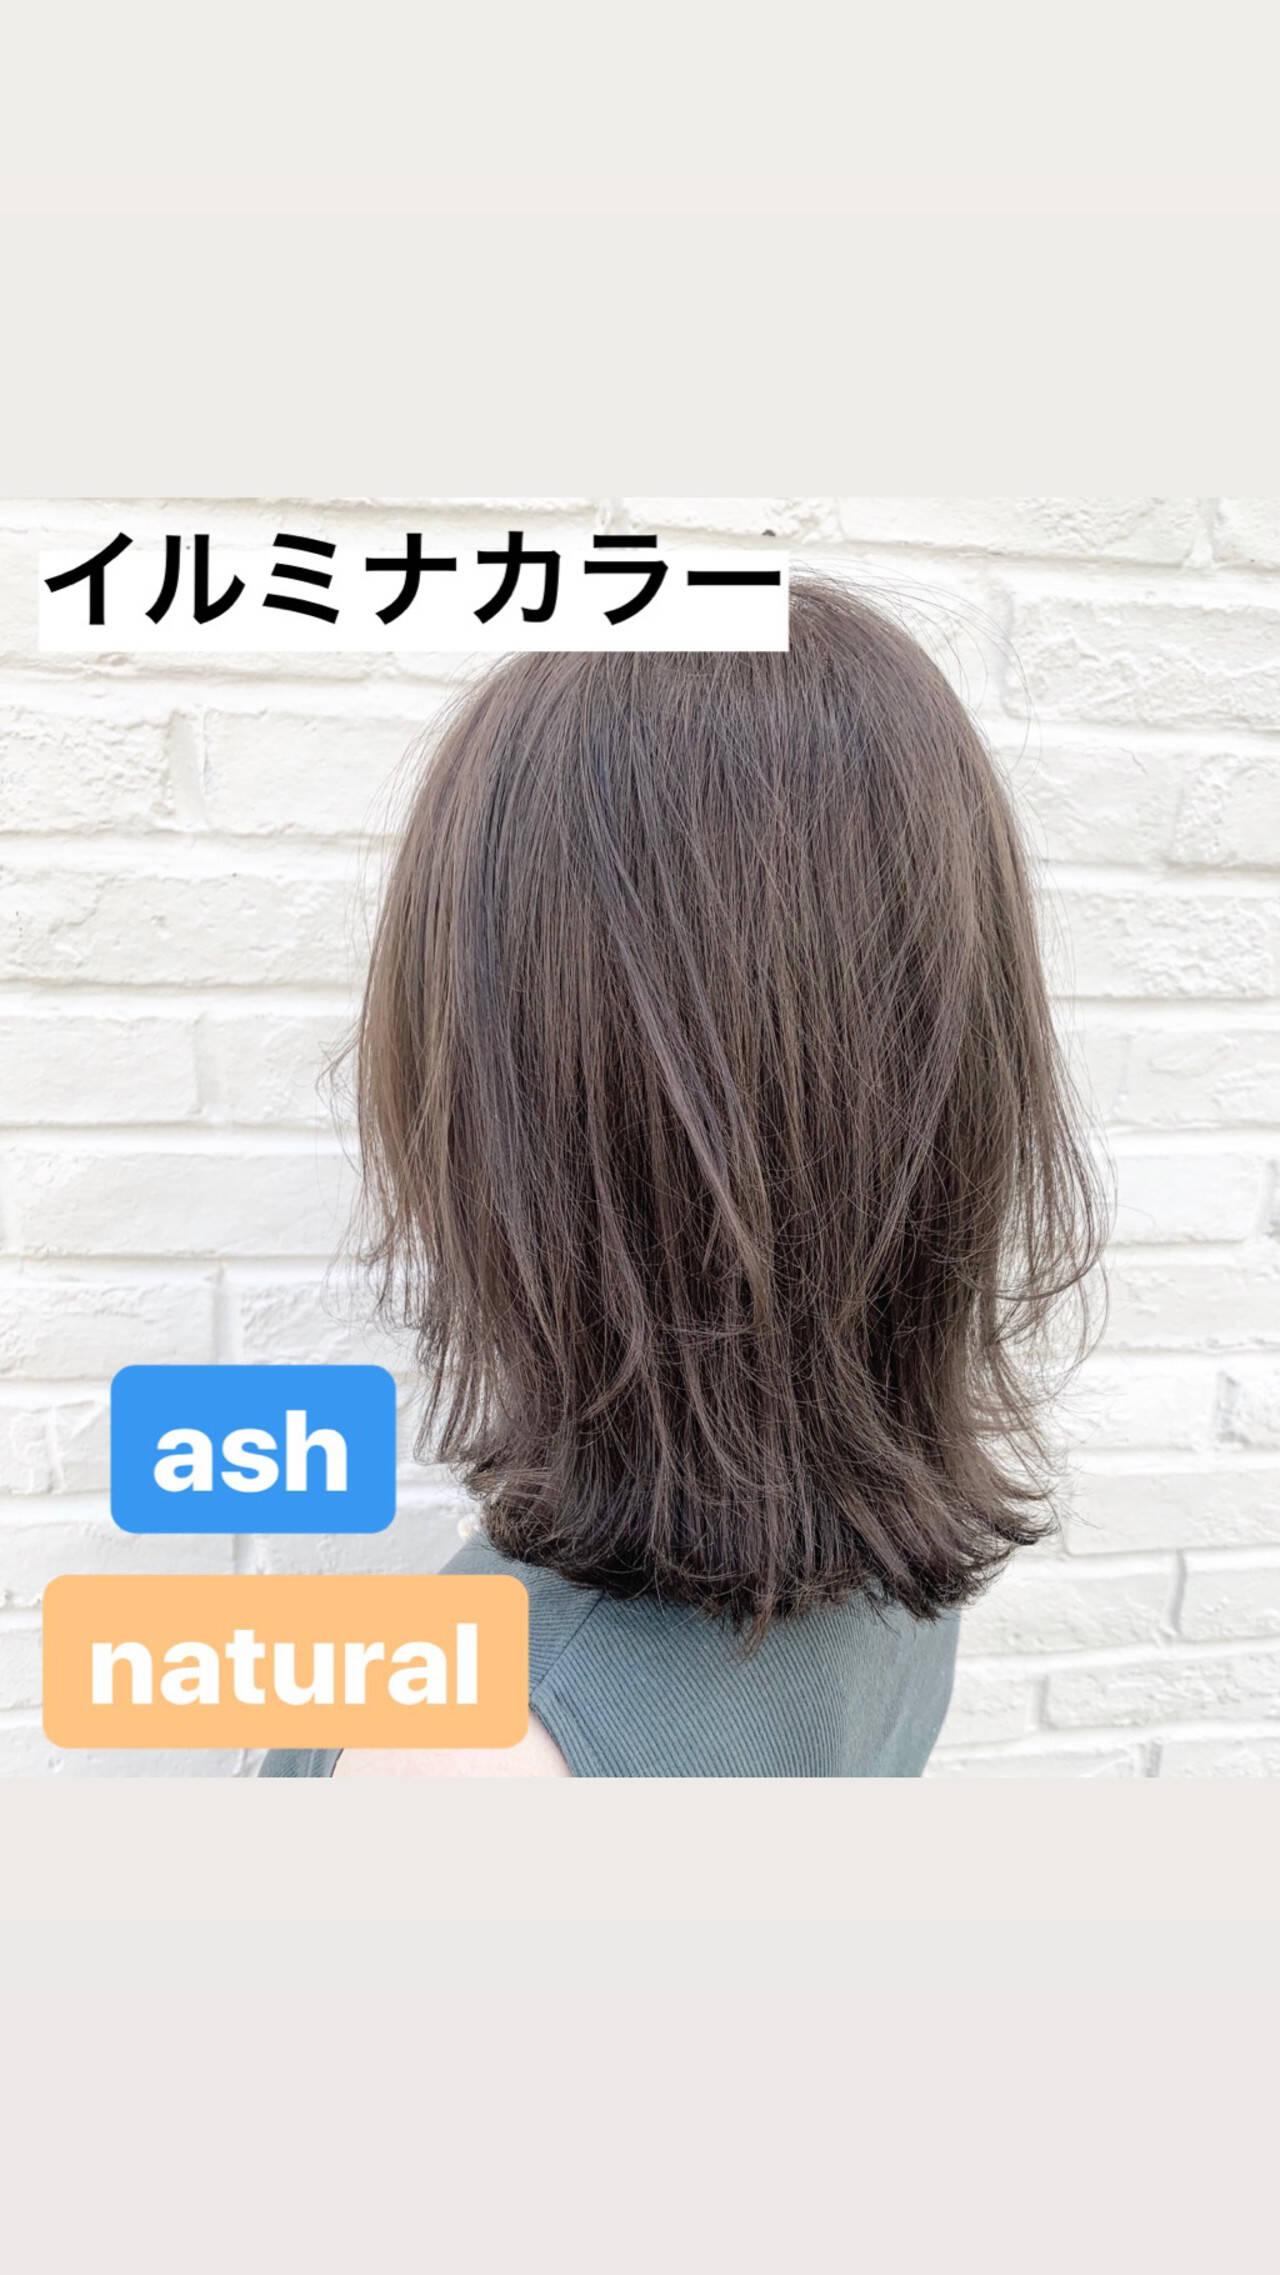 ブリーチ無し アッシュグレージュ 透明感カラー ナチュラルヘアスタイルや髪型の写真・画像